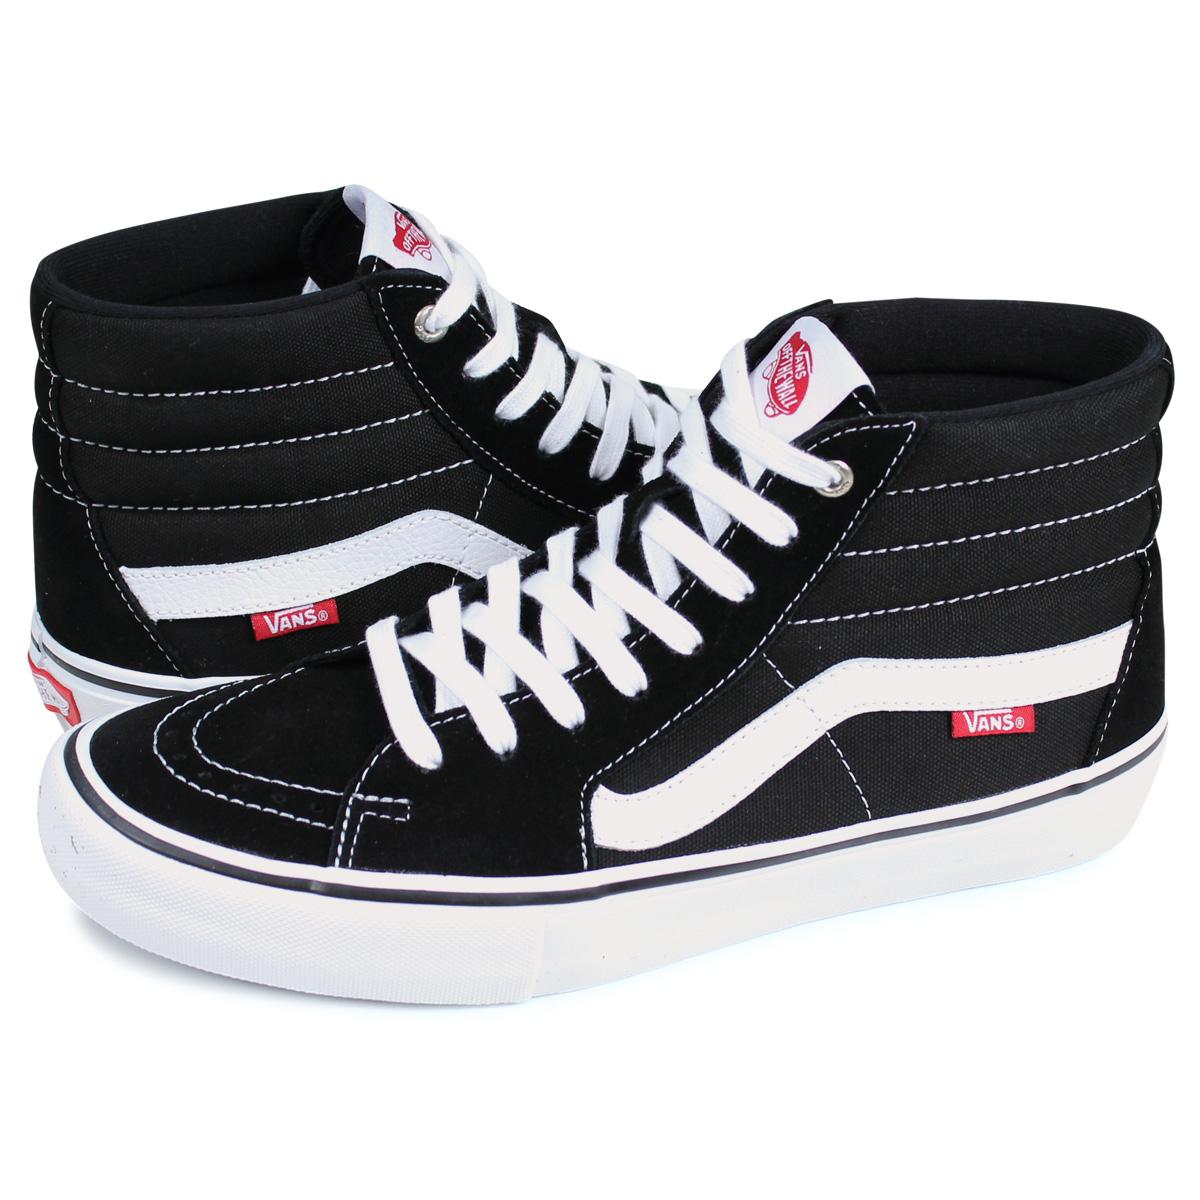 VANS SK8 HI PRO vans sneakers men station wagons skating high black black VN000VHGY28